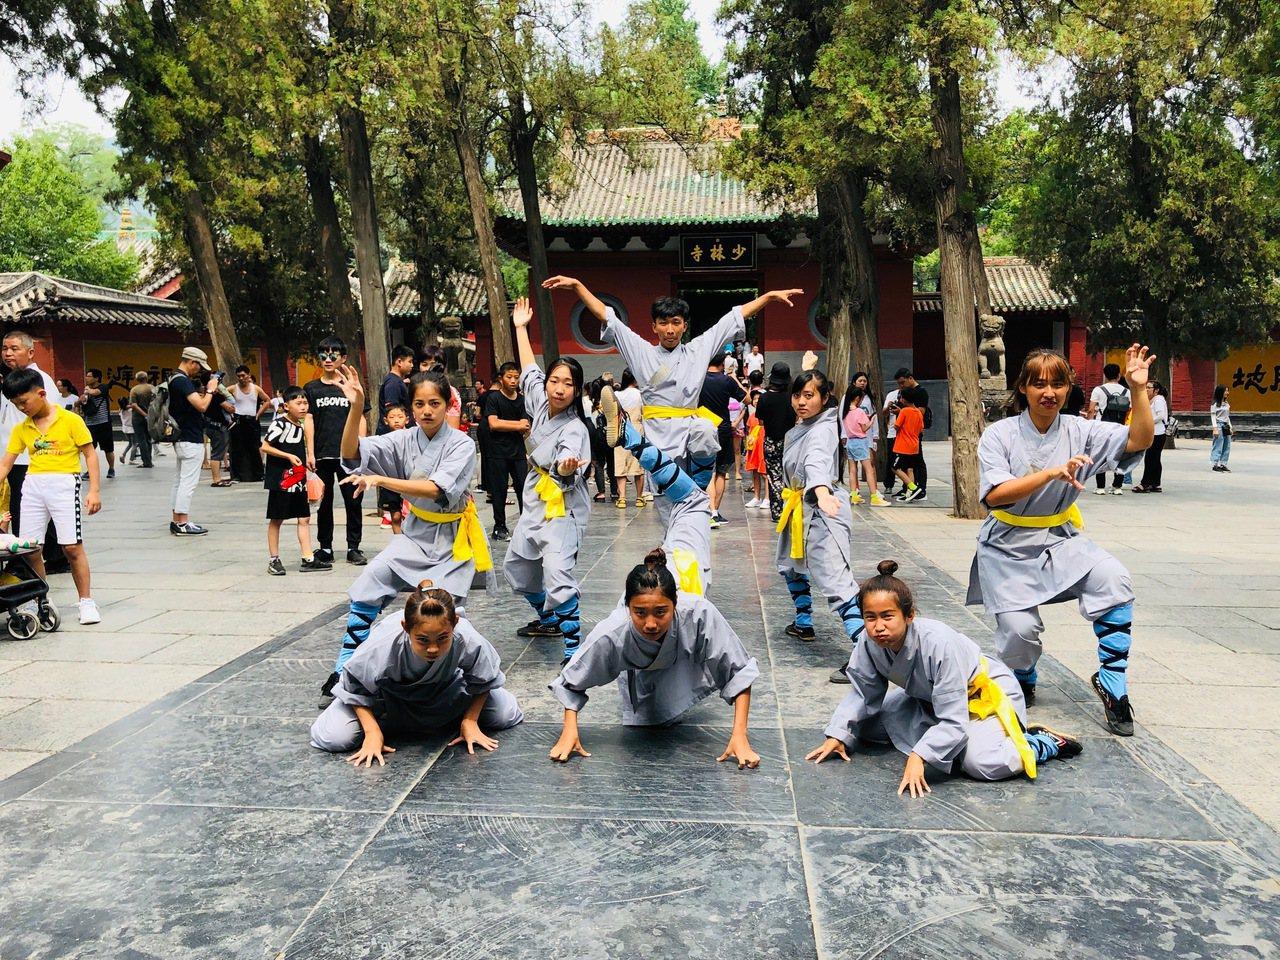 樹科大表演藝術系徵選學生前往少林寺練功,團員在廣場展演,肢體動作充滿力與美。圖/...